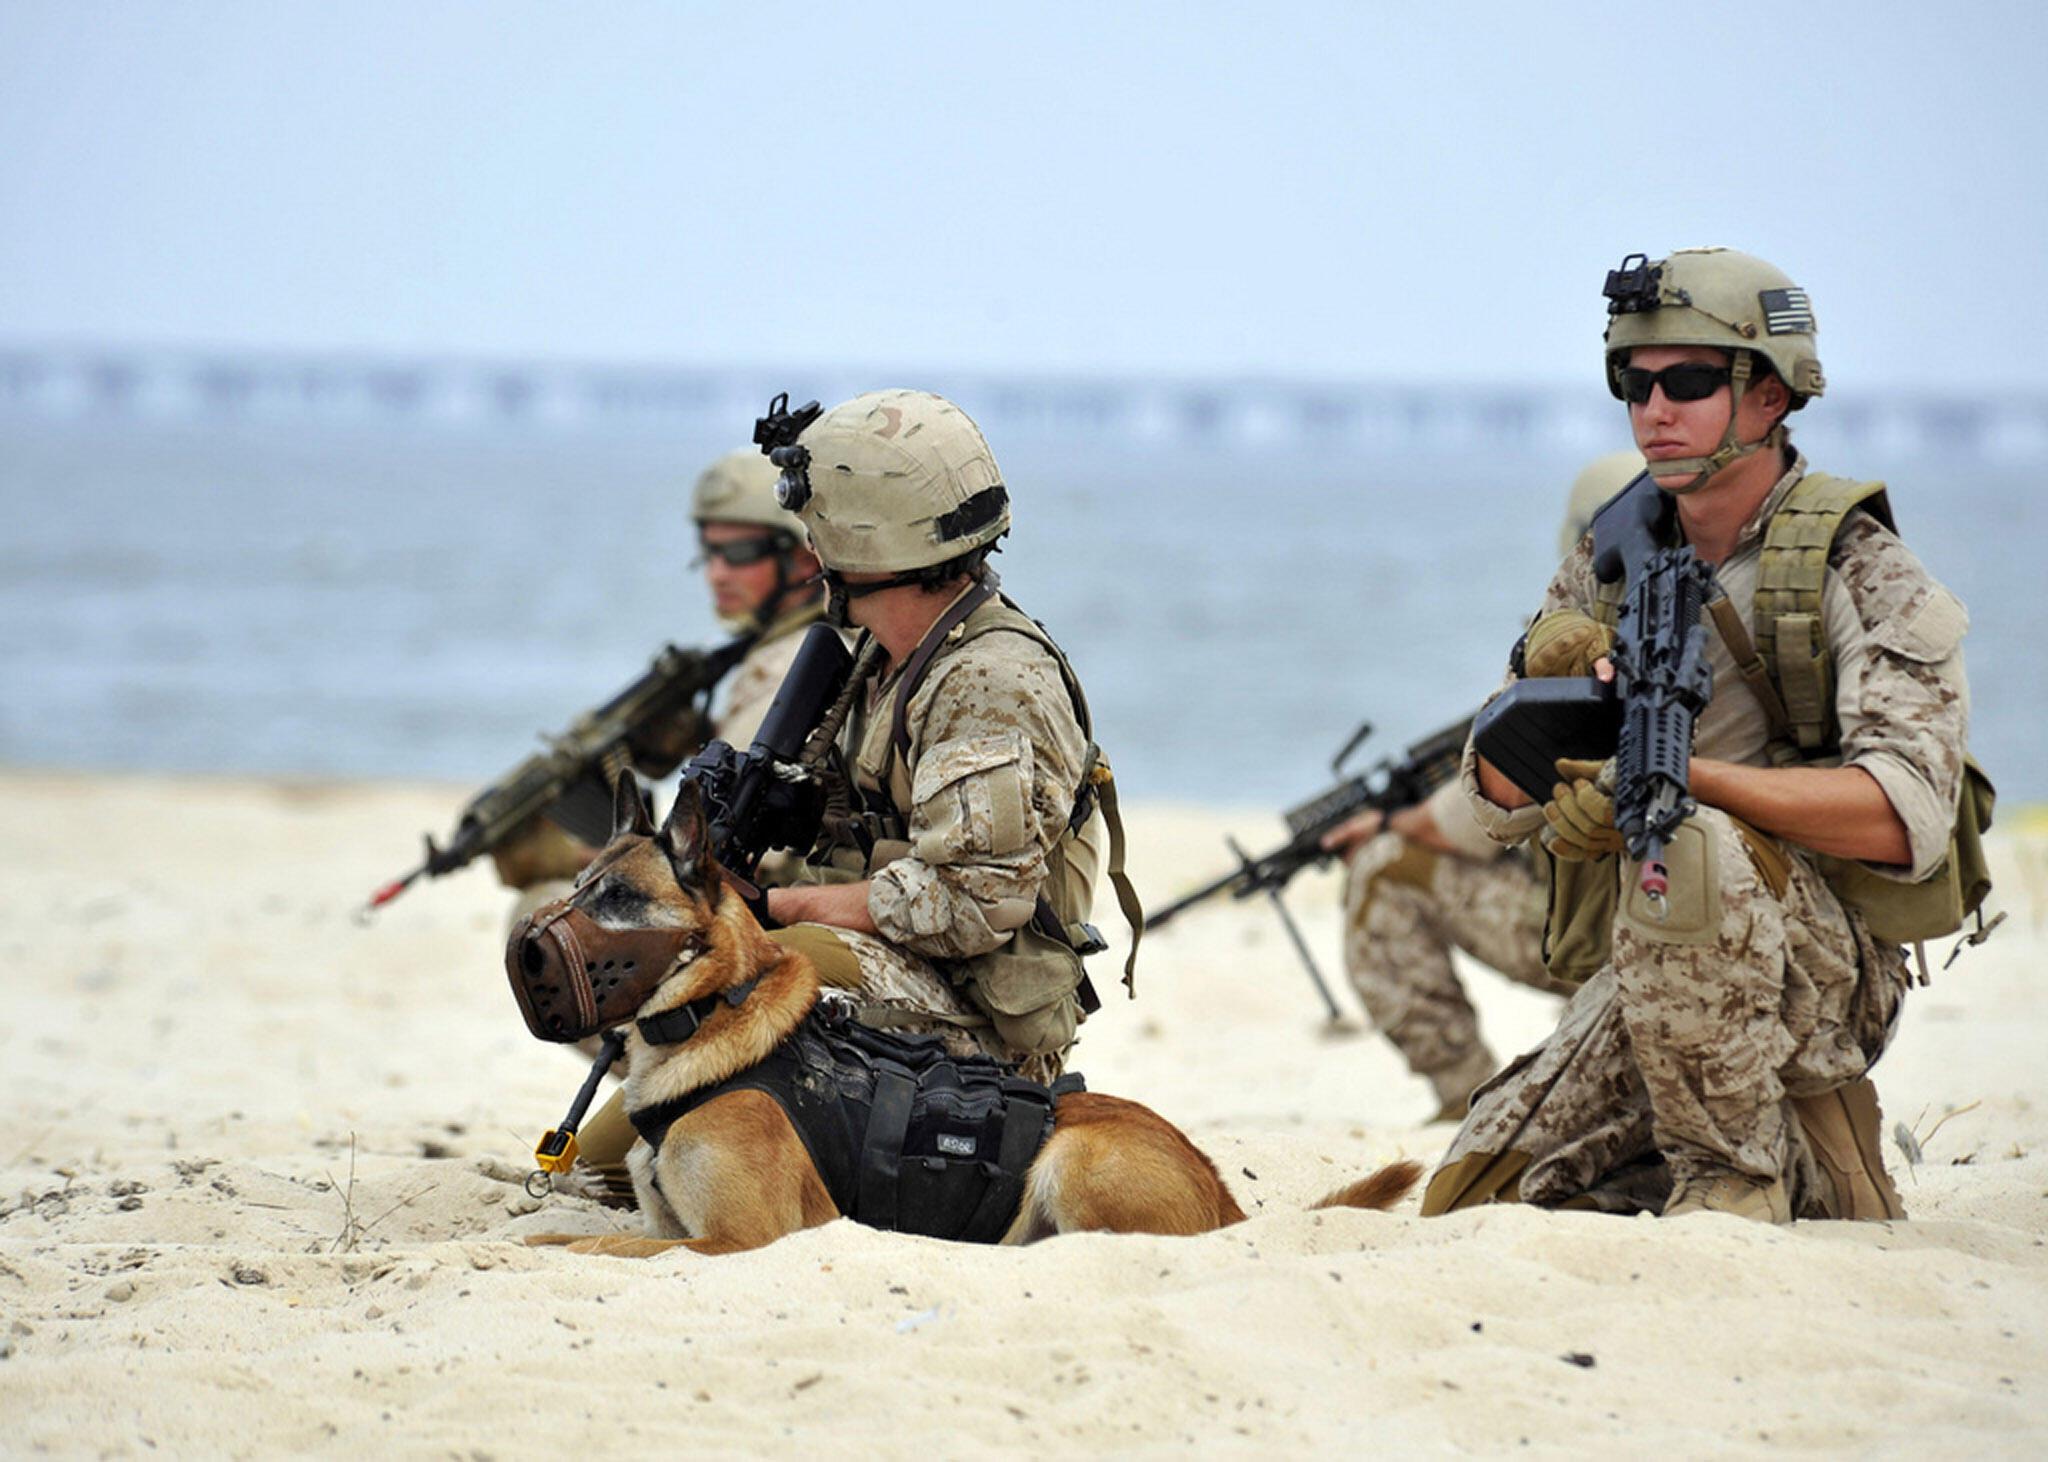 A intervenção na Somália foi feita pelos Navy Seals, a elite da marinha americana. Treino das tropas na Virgínia, em julho de 2010.